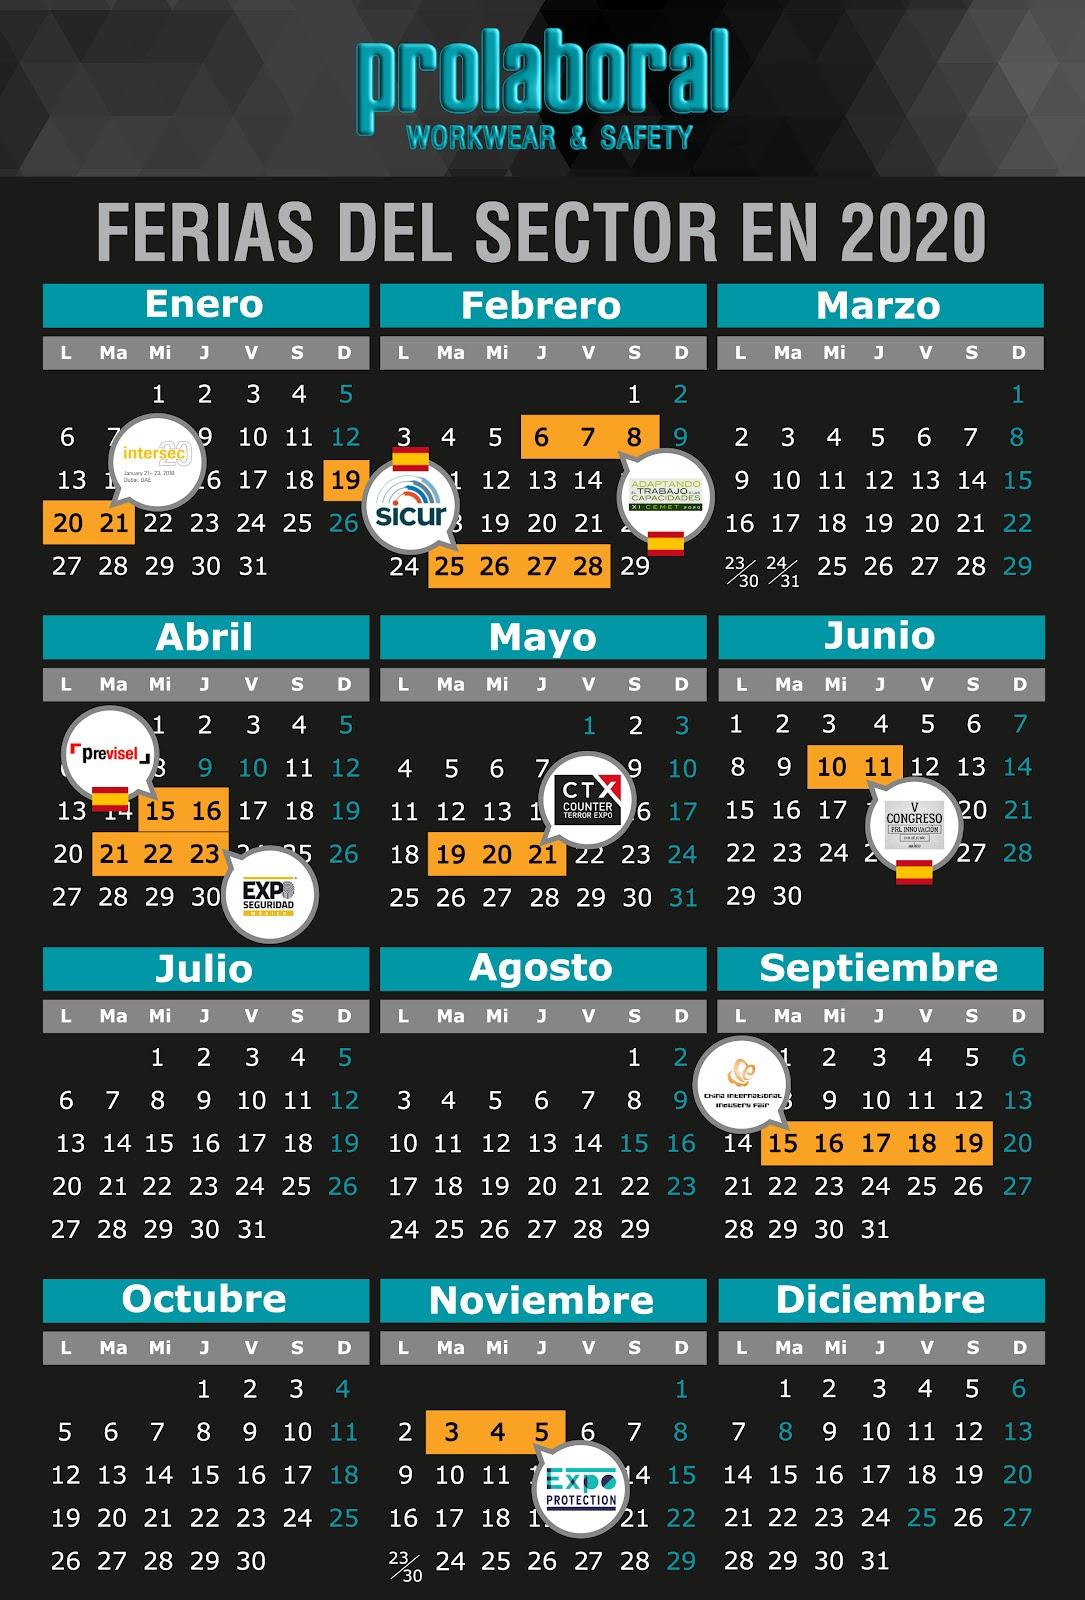 Calendario ferias seguridad y salud en el trabajo